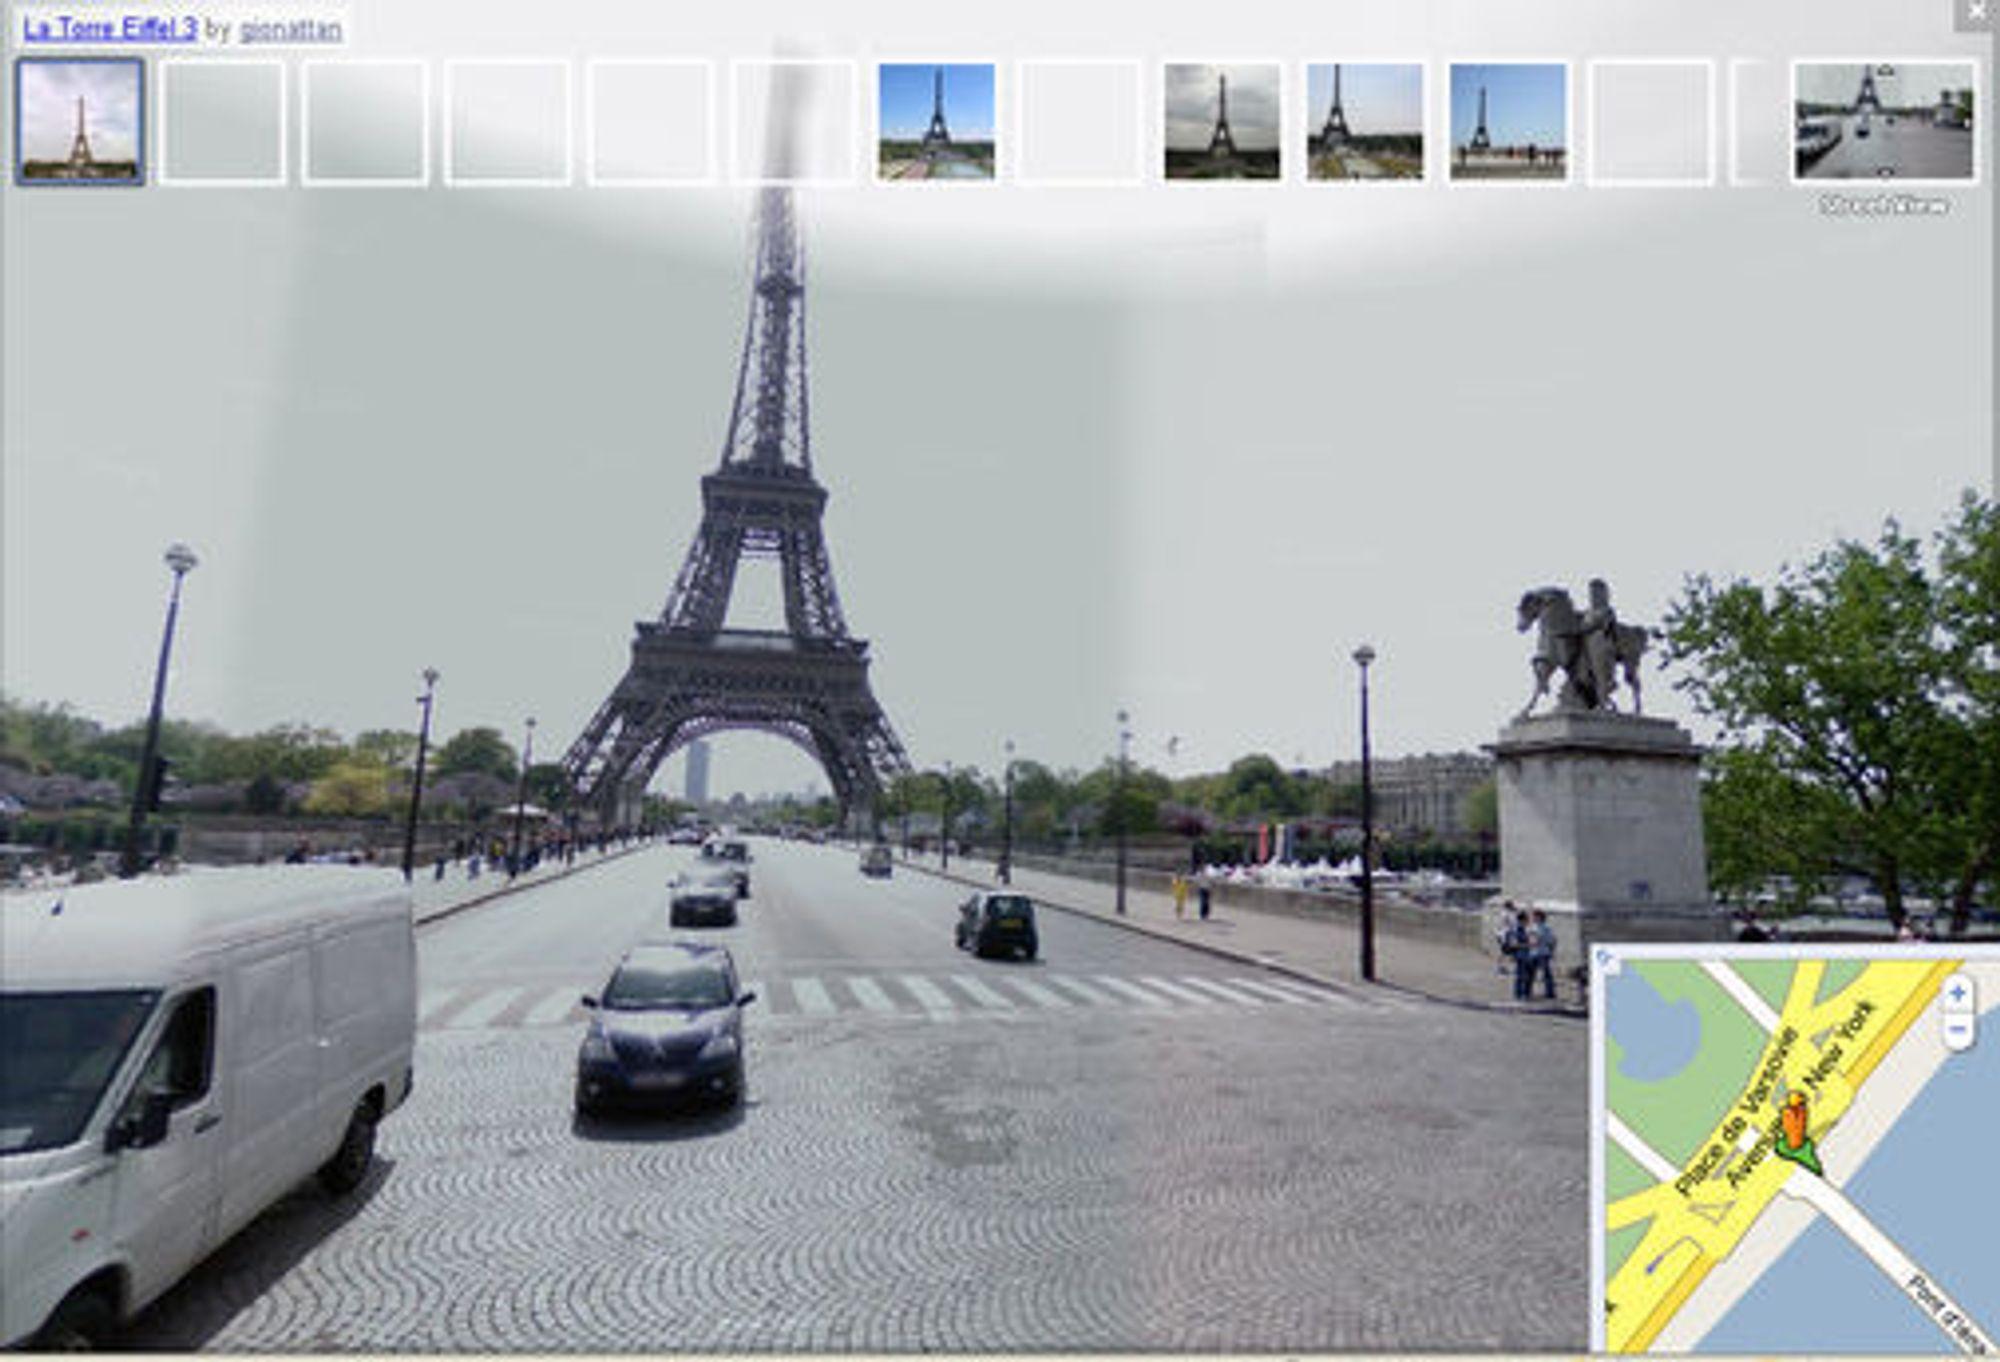 Bildeikonene som vises på toppen av Street View-bildet er hentet fra Panoramio. Man kan klikke på disse for å se en større versjon.